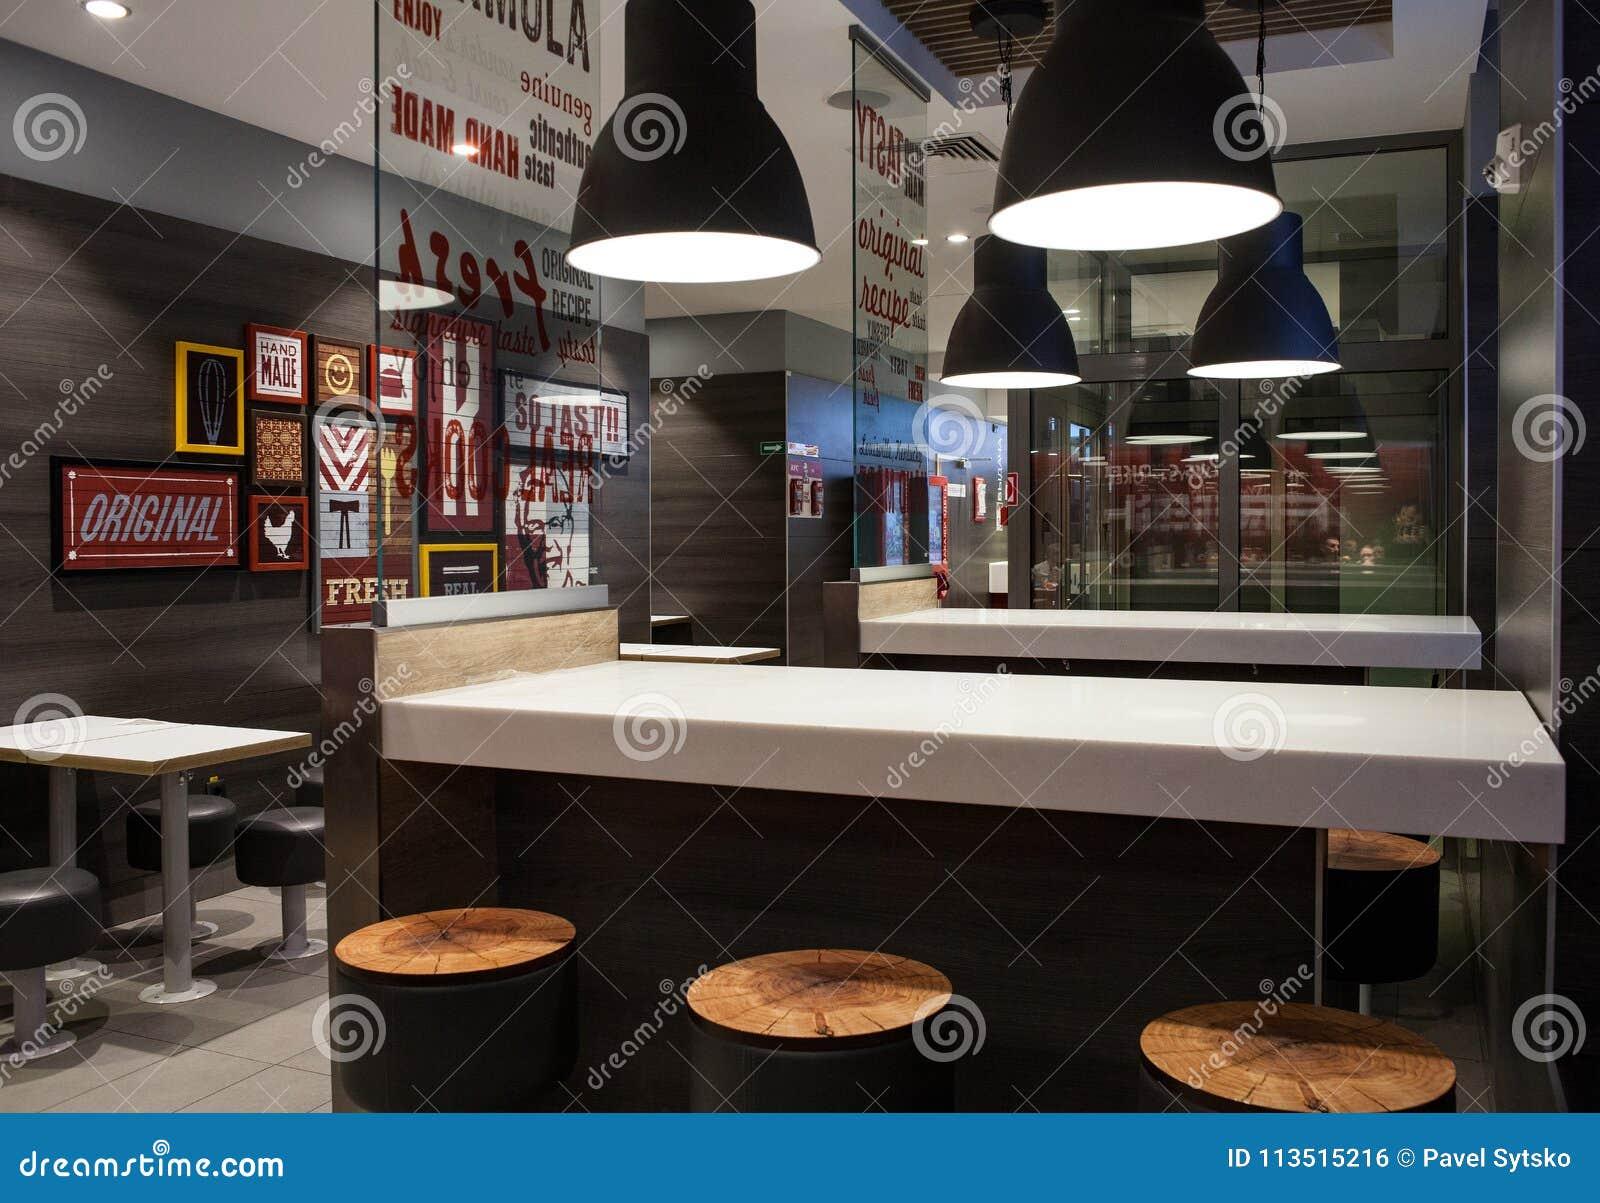 https://thumbs.dreamstime.com/z/minsk-belarus-le-mars-int%C3%A9rieur-de-restaurant-kfc-dans-la-ville-113515216.jpg